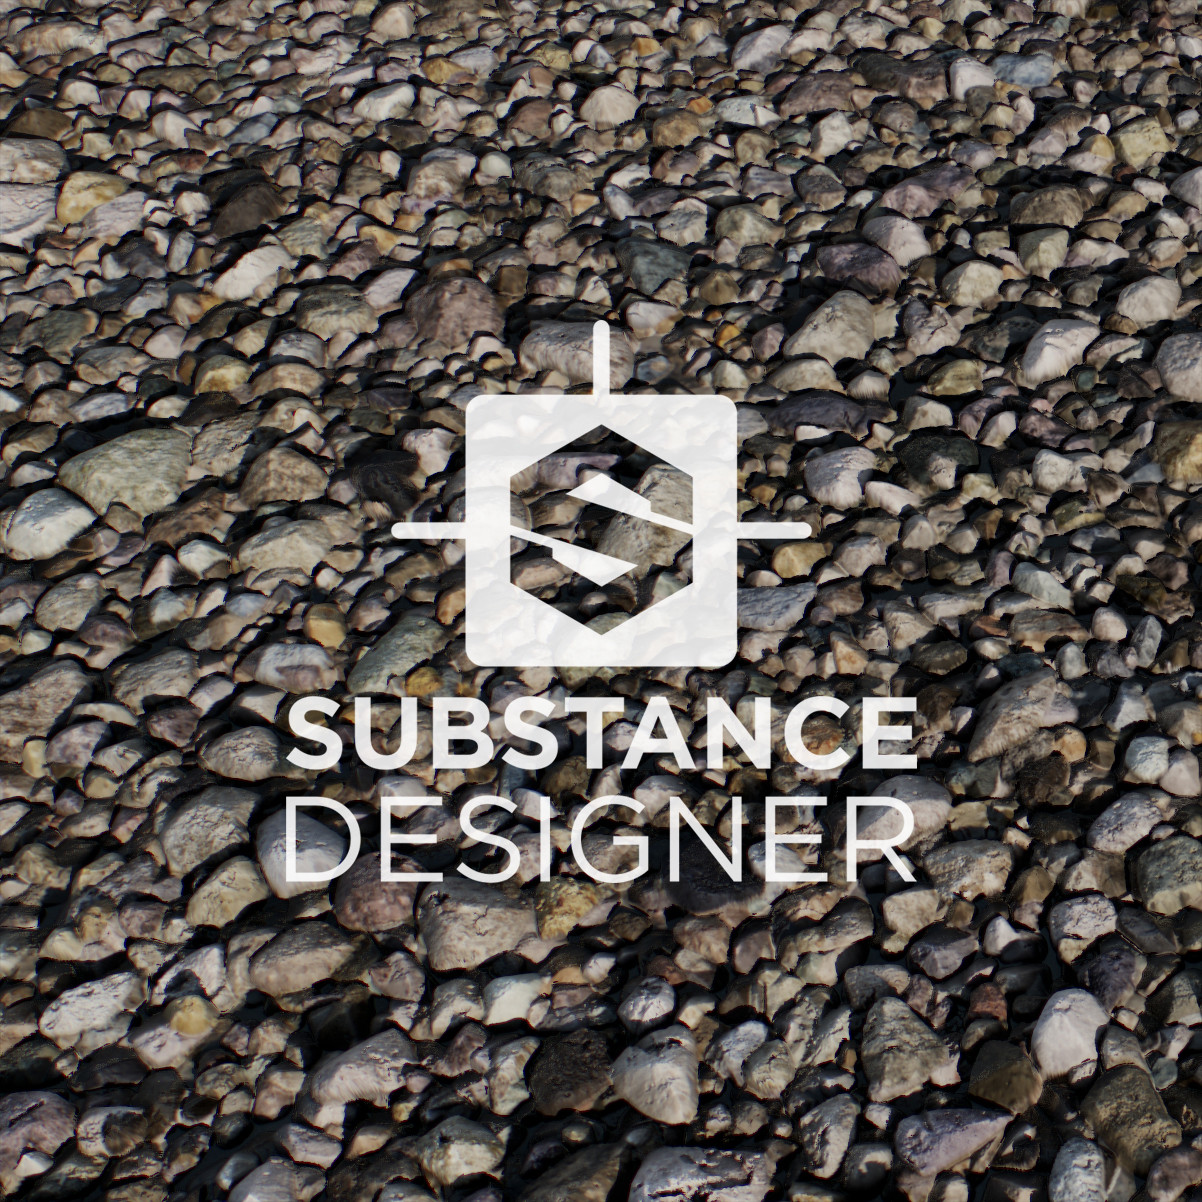 Pebbles - 100% Substance Designer